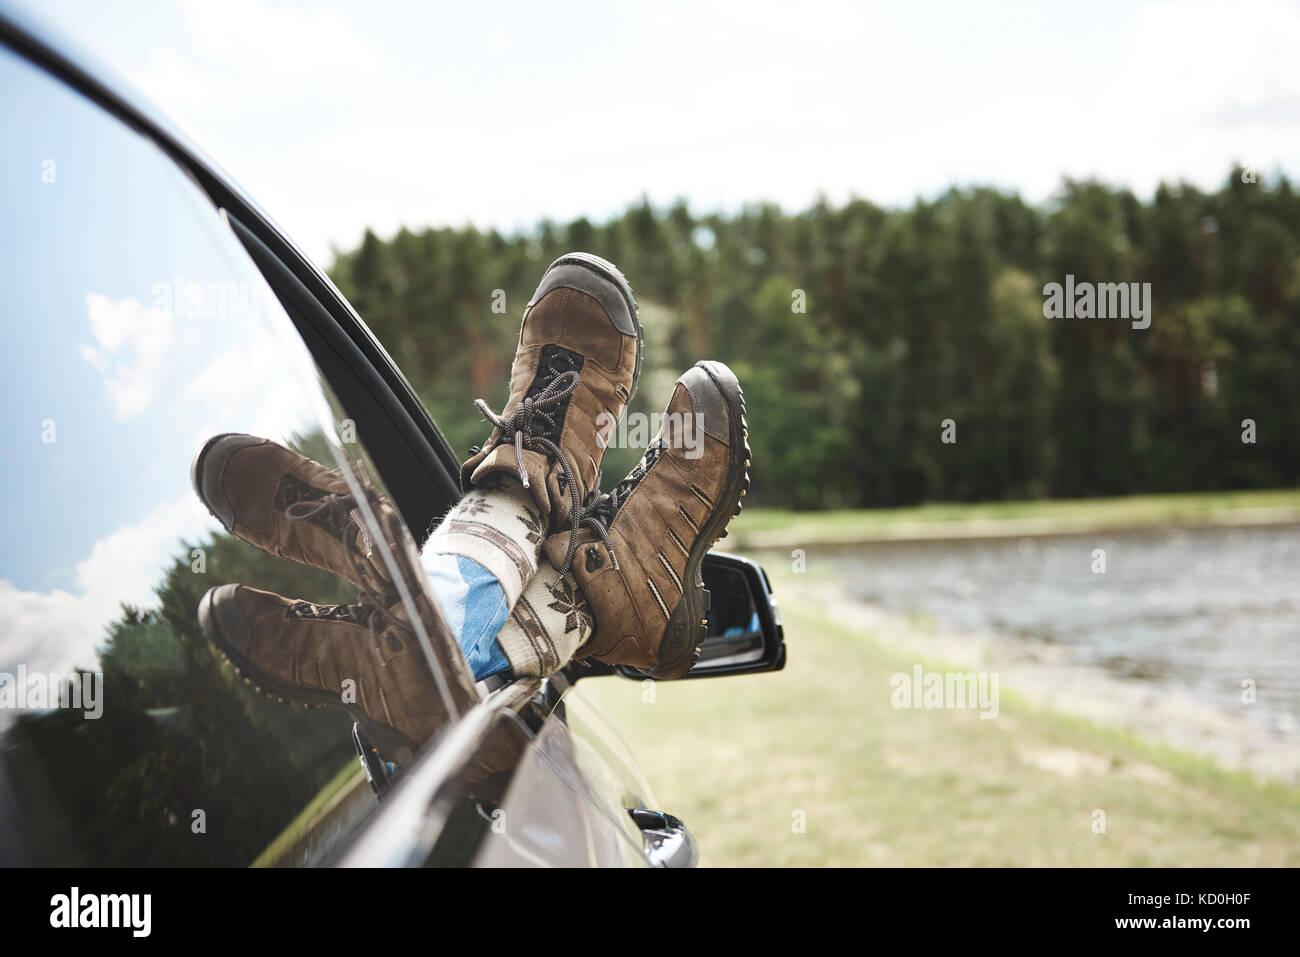 Woman in car, les pieds par la fenêtre ouverte, l'accent sur pieds Photo Stock